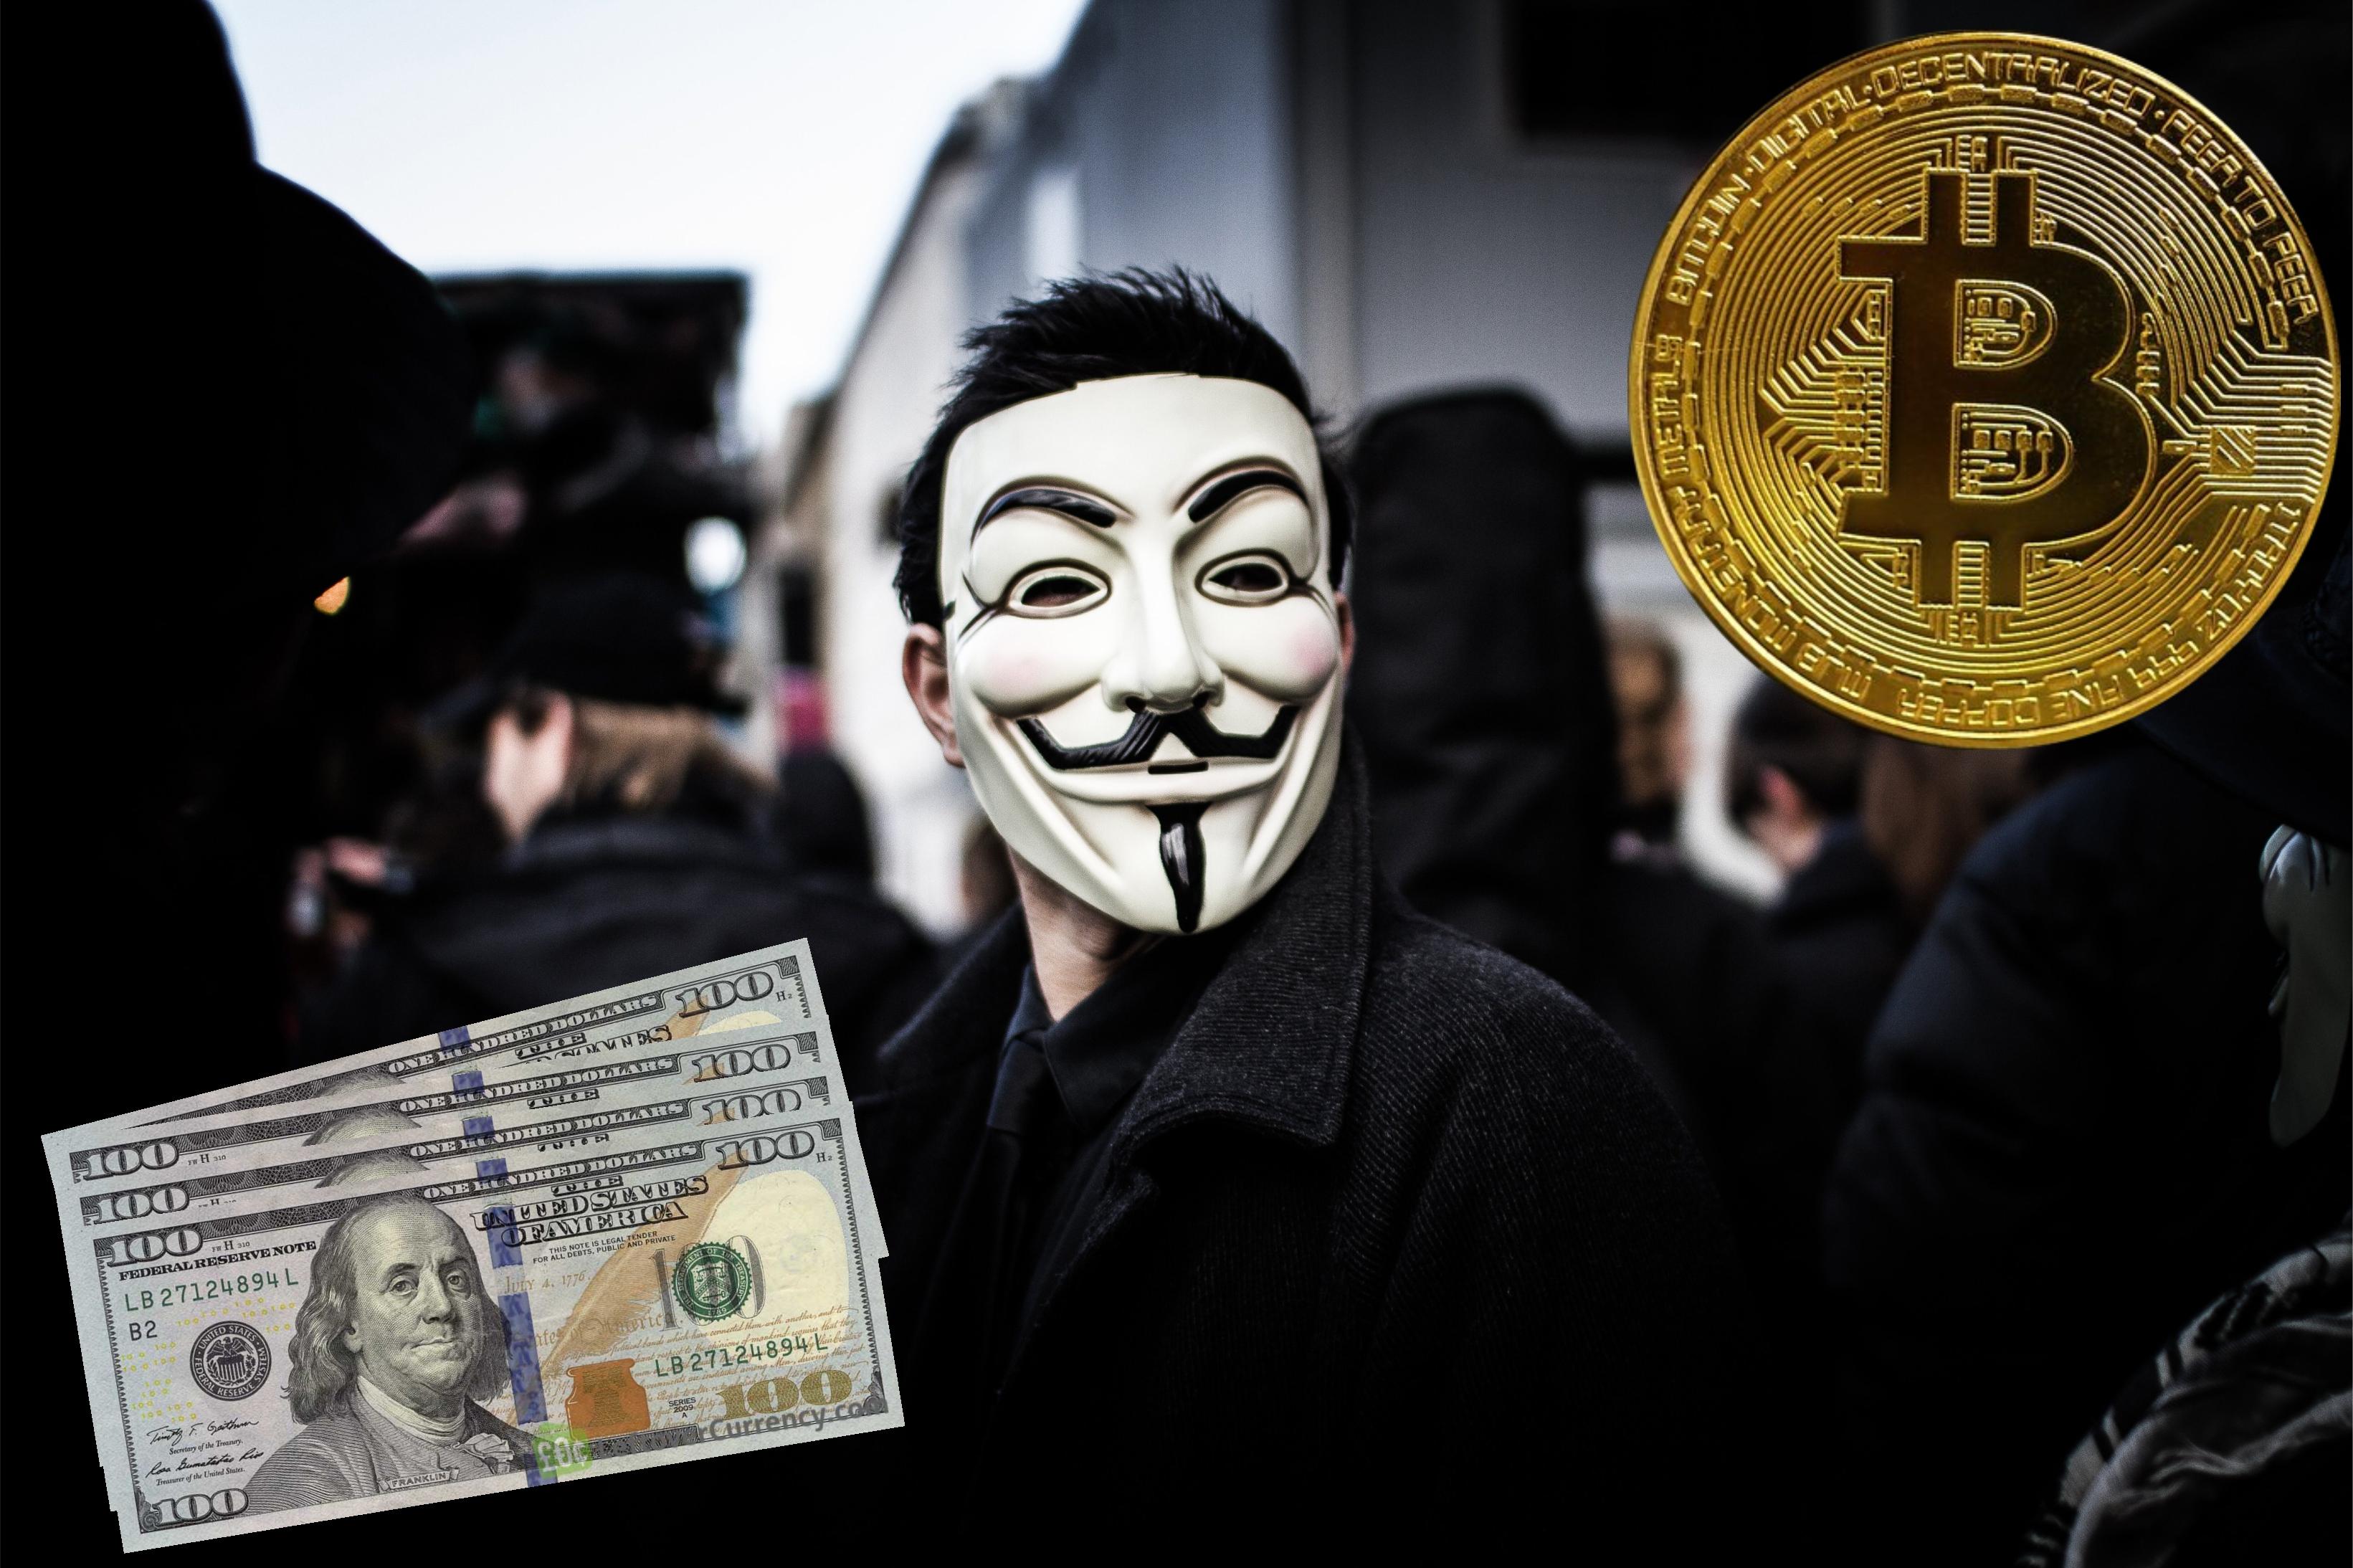 labākās binārās opcijas ar demonstrācijas kontu kā izņemt naudu no bitcoin par